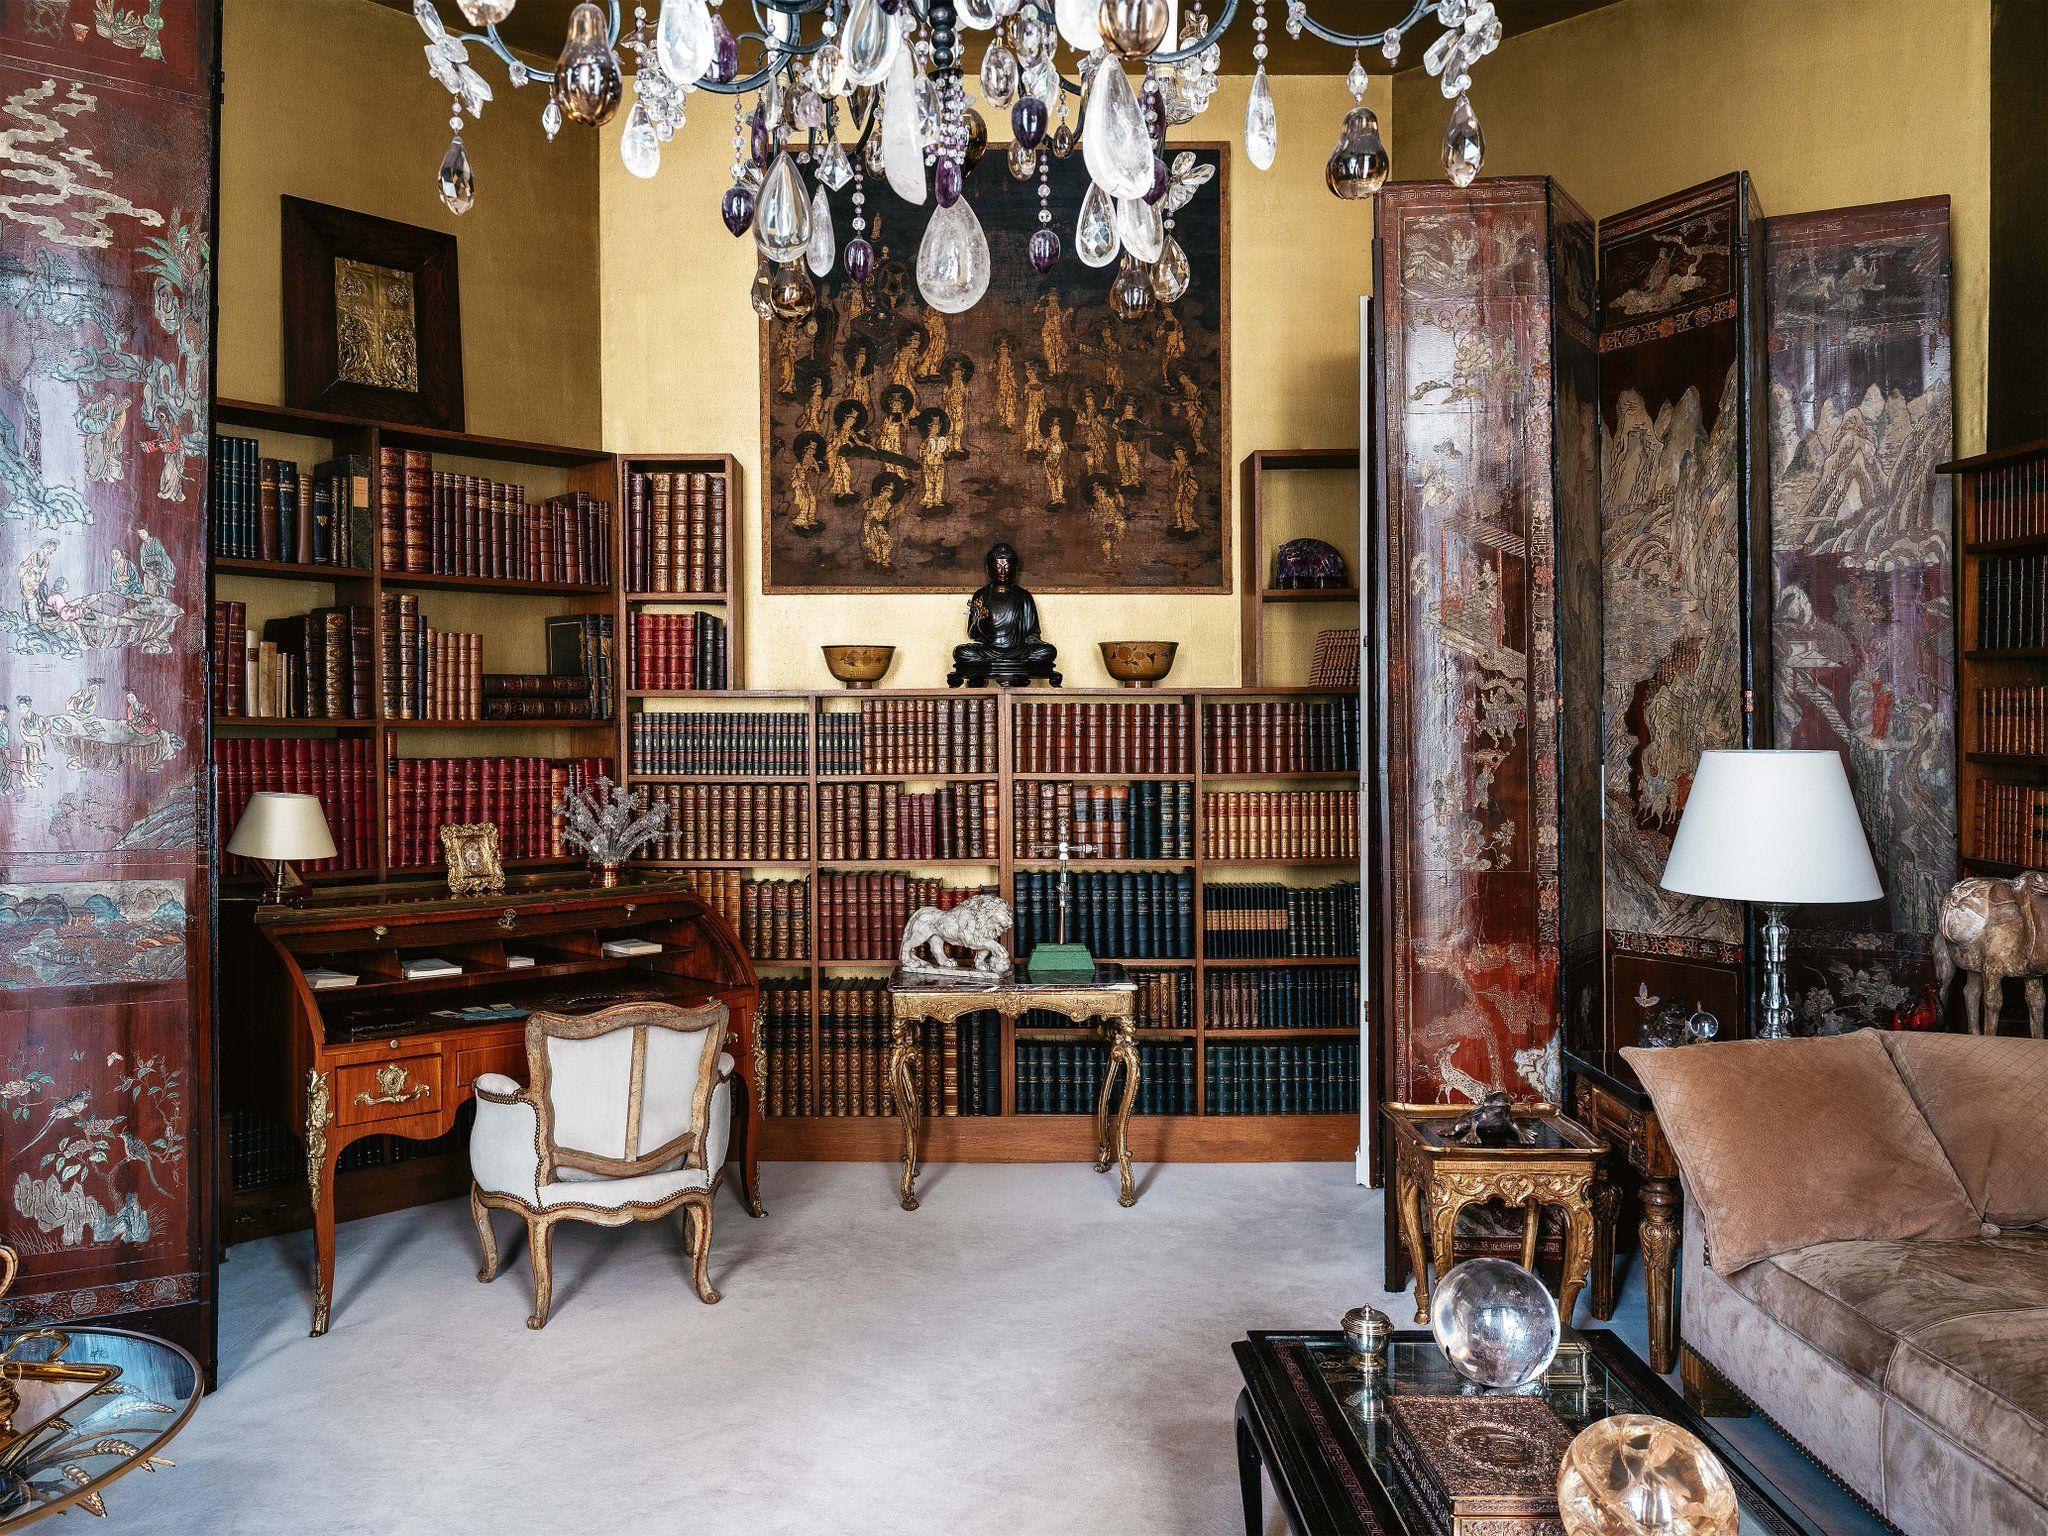 Vogue Living on | Paris apartments, Vogue living, House